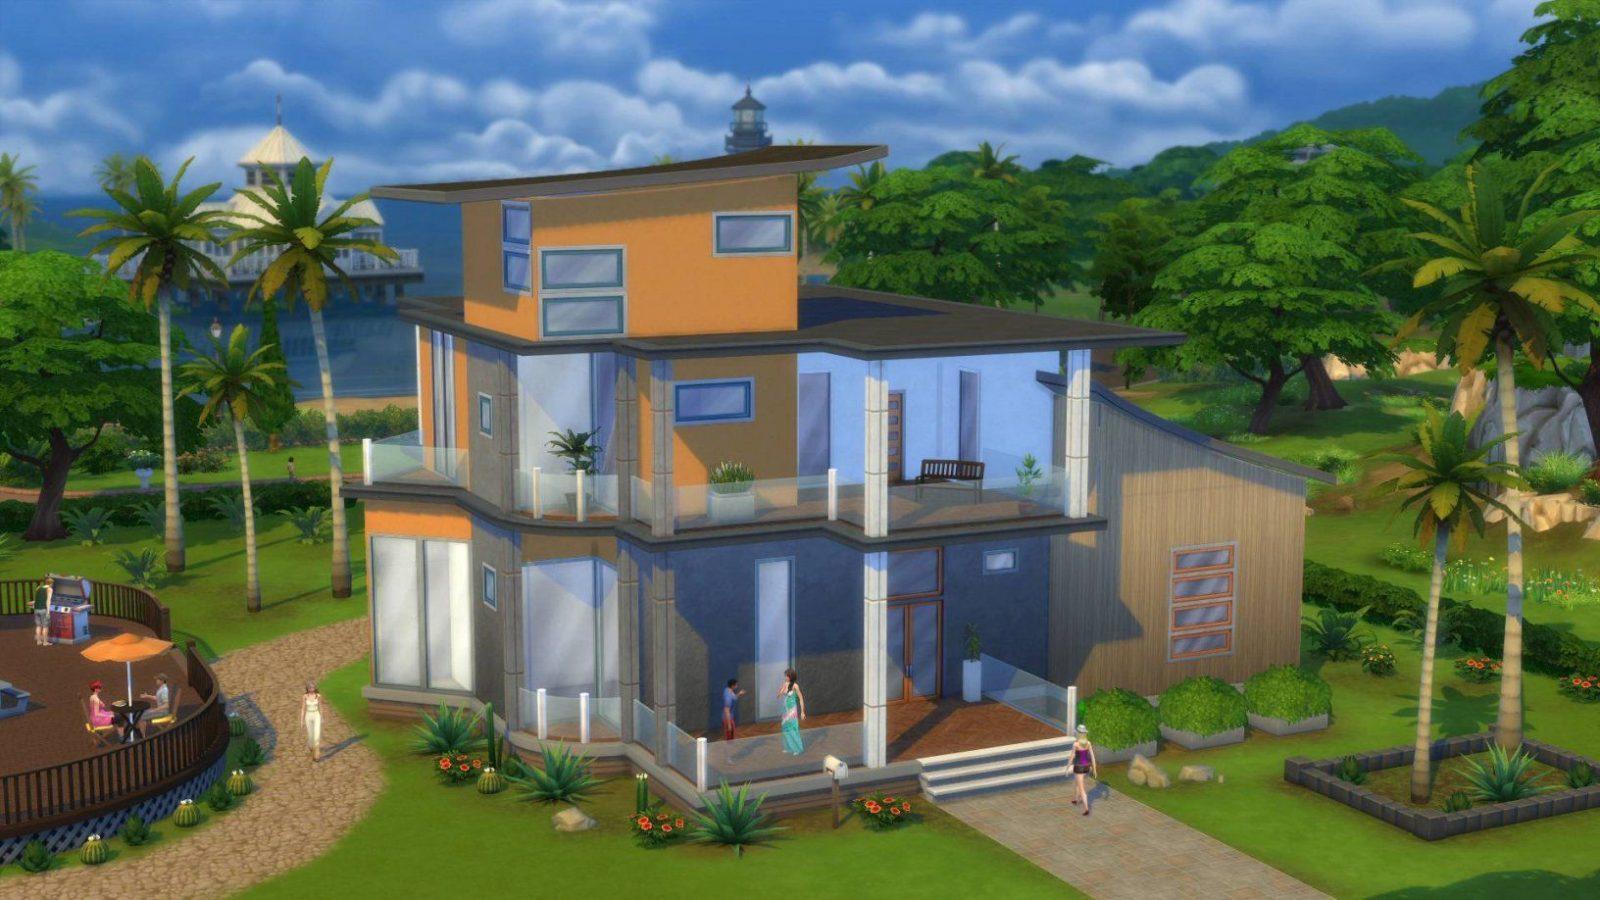 Sims 4 Häuser Zum Nachbauen Fj18 Messianica Avec Sims 4 Haus Ideen von Sims 4 Häuser Bauen Ideen Bild